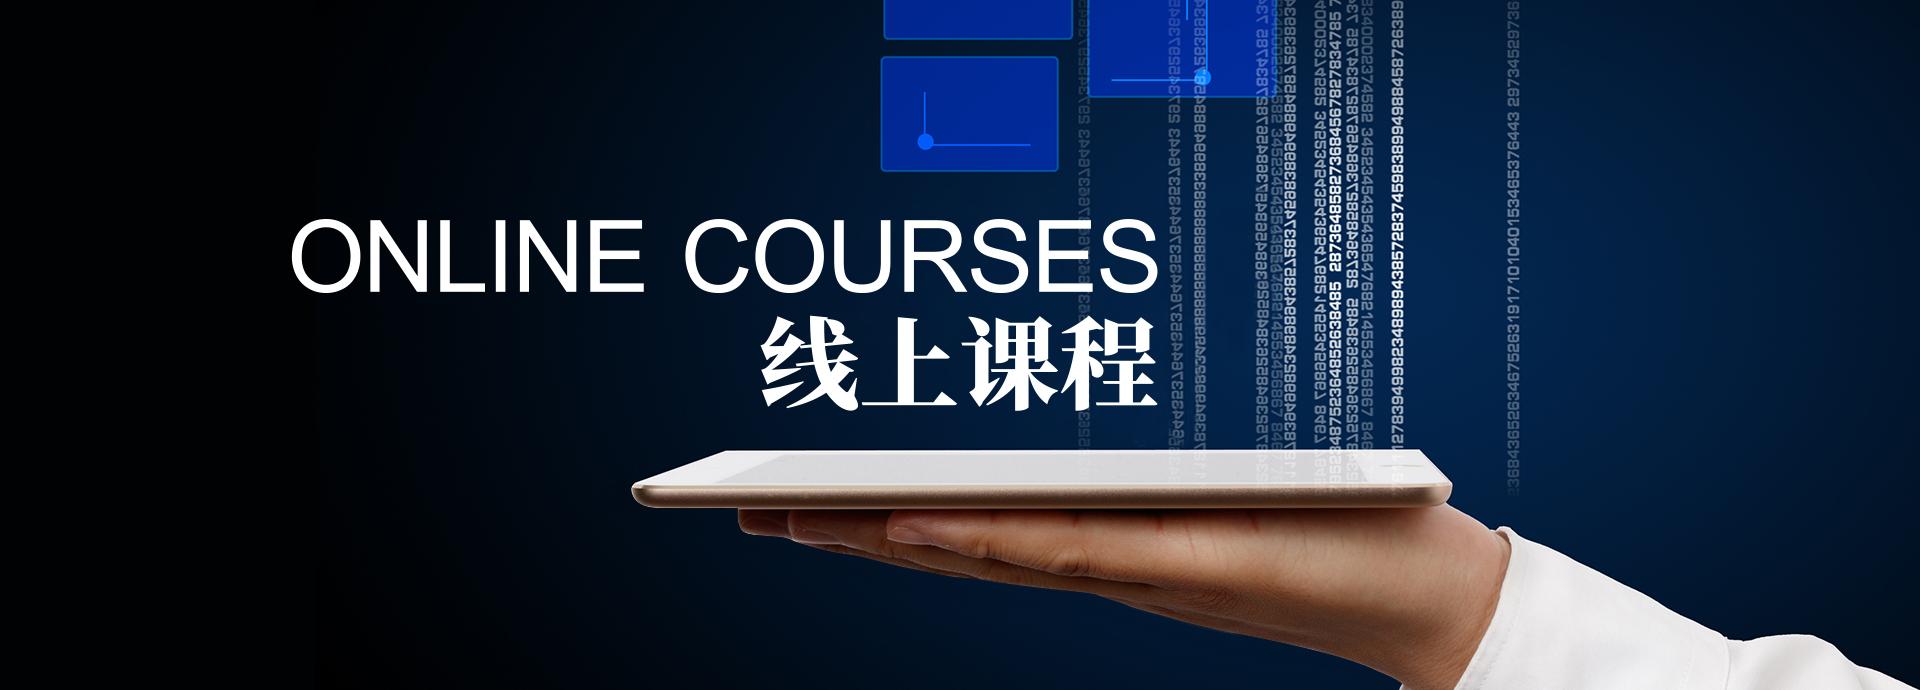 道成咨询-版权课程-线上课程banner